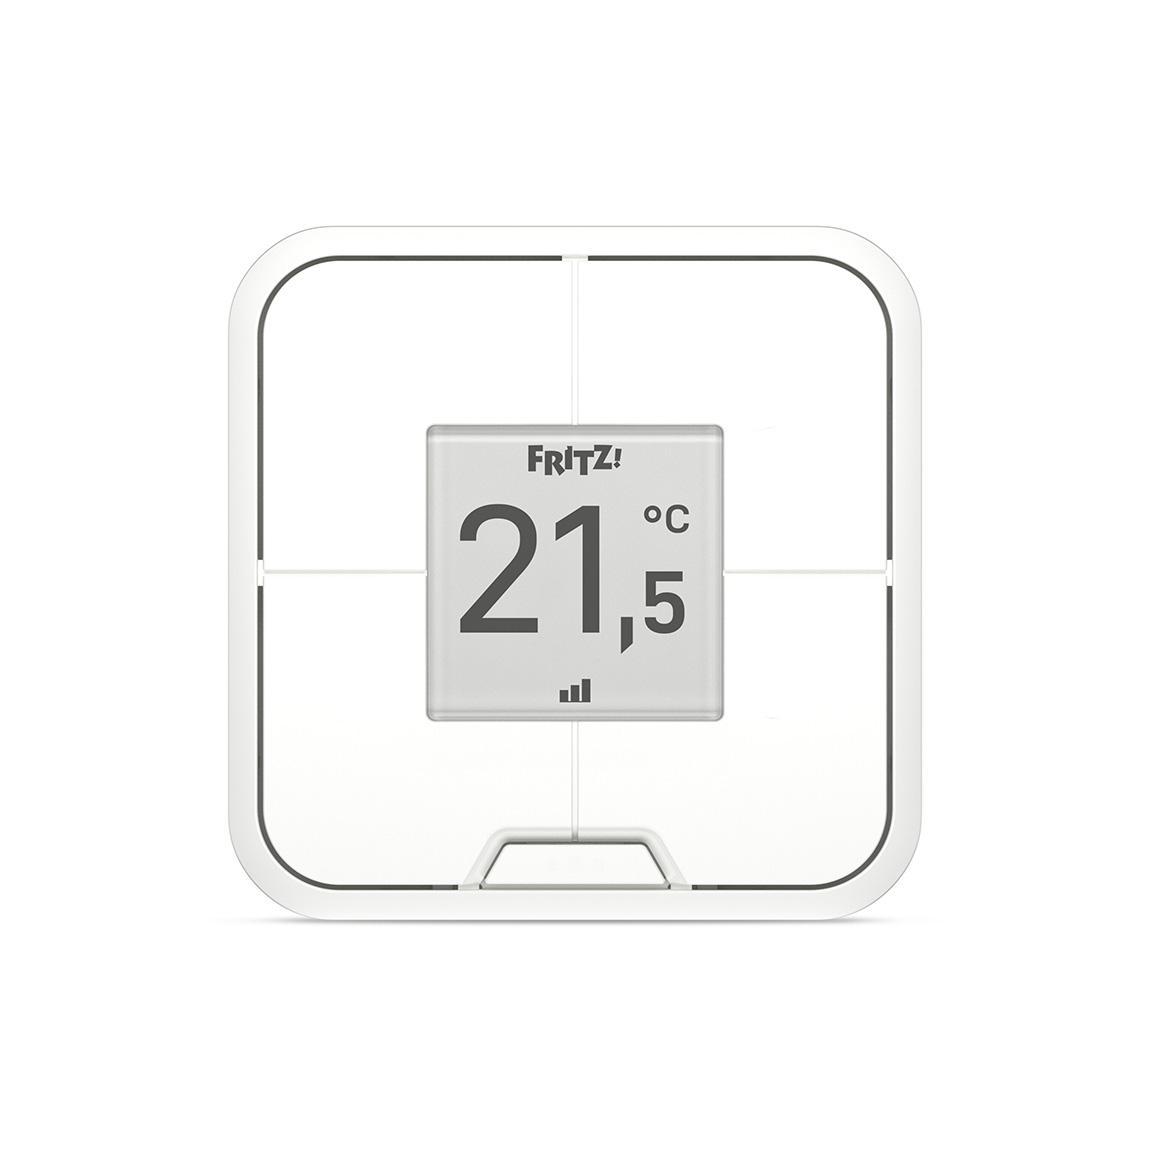 AVM FRITZ!DECT 440 - Vierfach-Taster - weiß